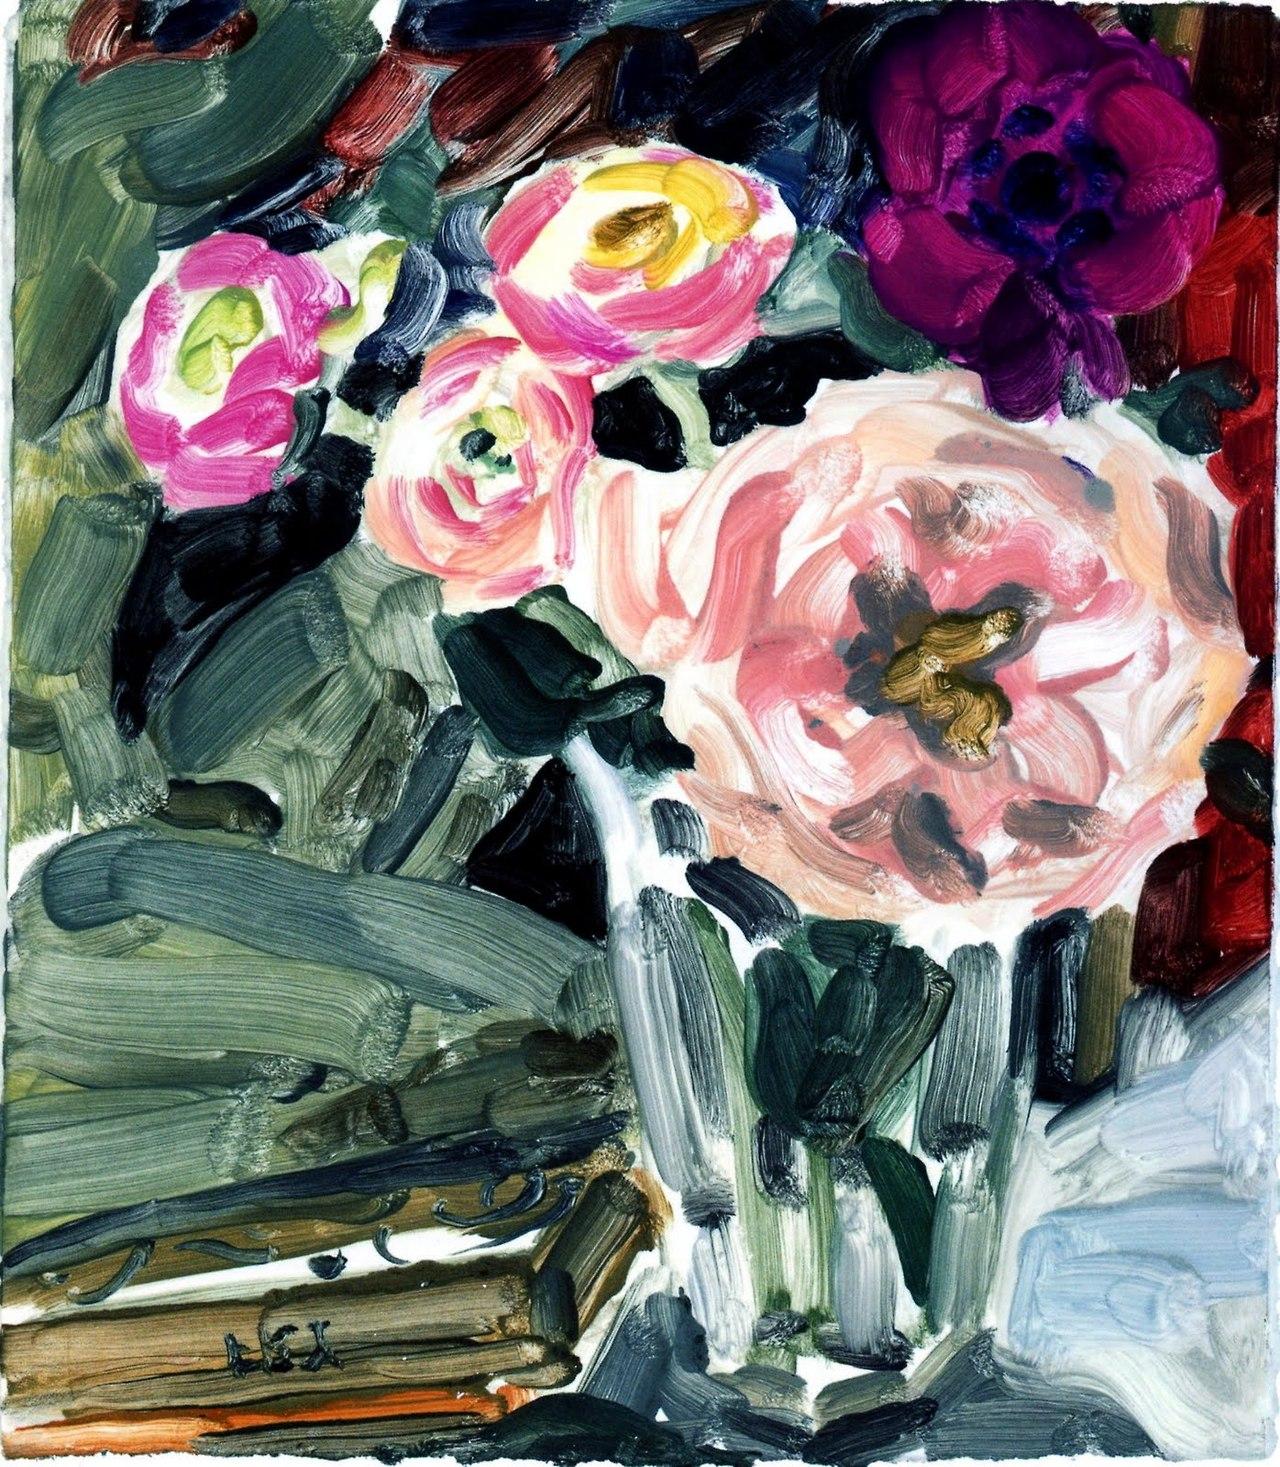 цветы в изобразительном искусстве картинки маленькая просьба